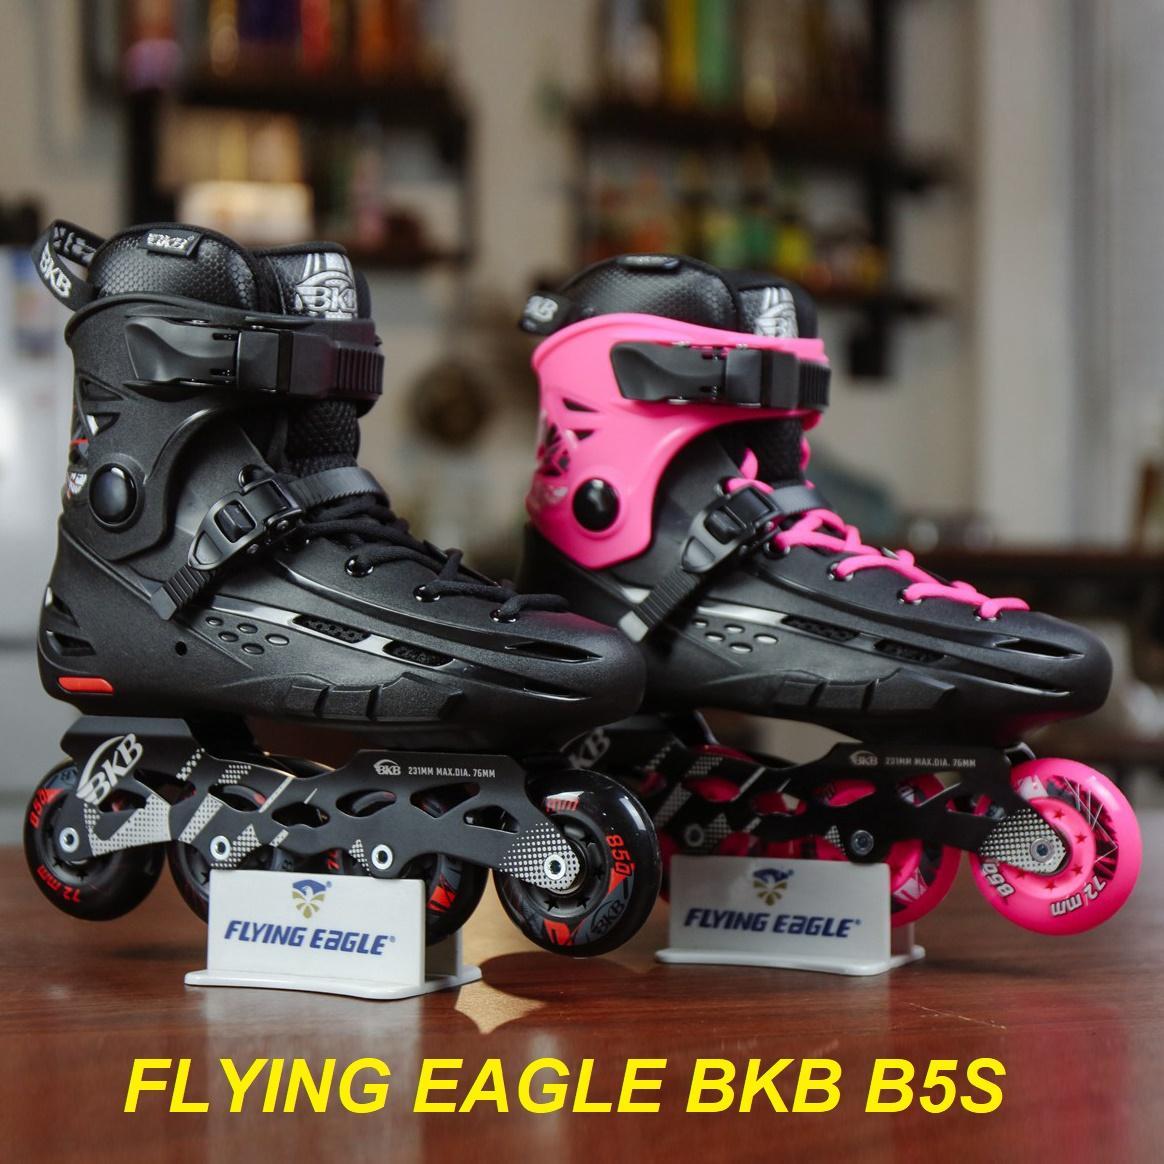 Giày patin Flying Eagle BKB B5S - Giày trượt patin đẳng cấp và chuyên nghiệp - Giày patin Flying Eagle chất lượng theo tiêu chuẩn Châu Âu - Giày trượt patin Flying Eagle BKB B5S nhiều size, nhiều màu sắc thích hợp cho mọi lứa tuổi